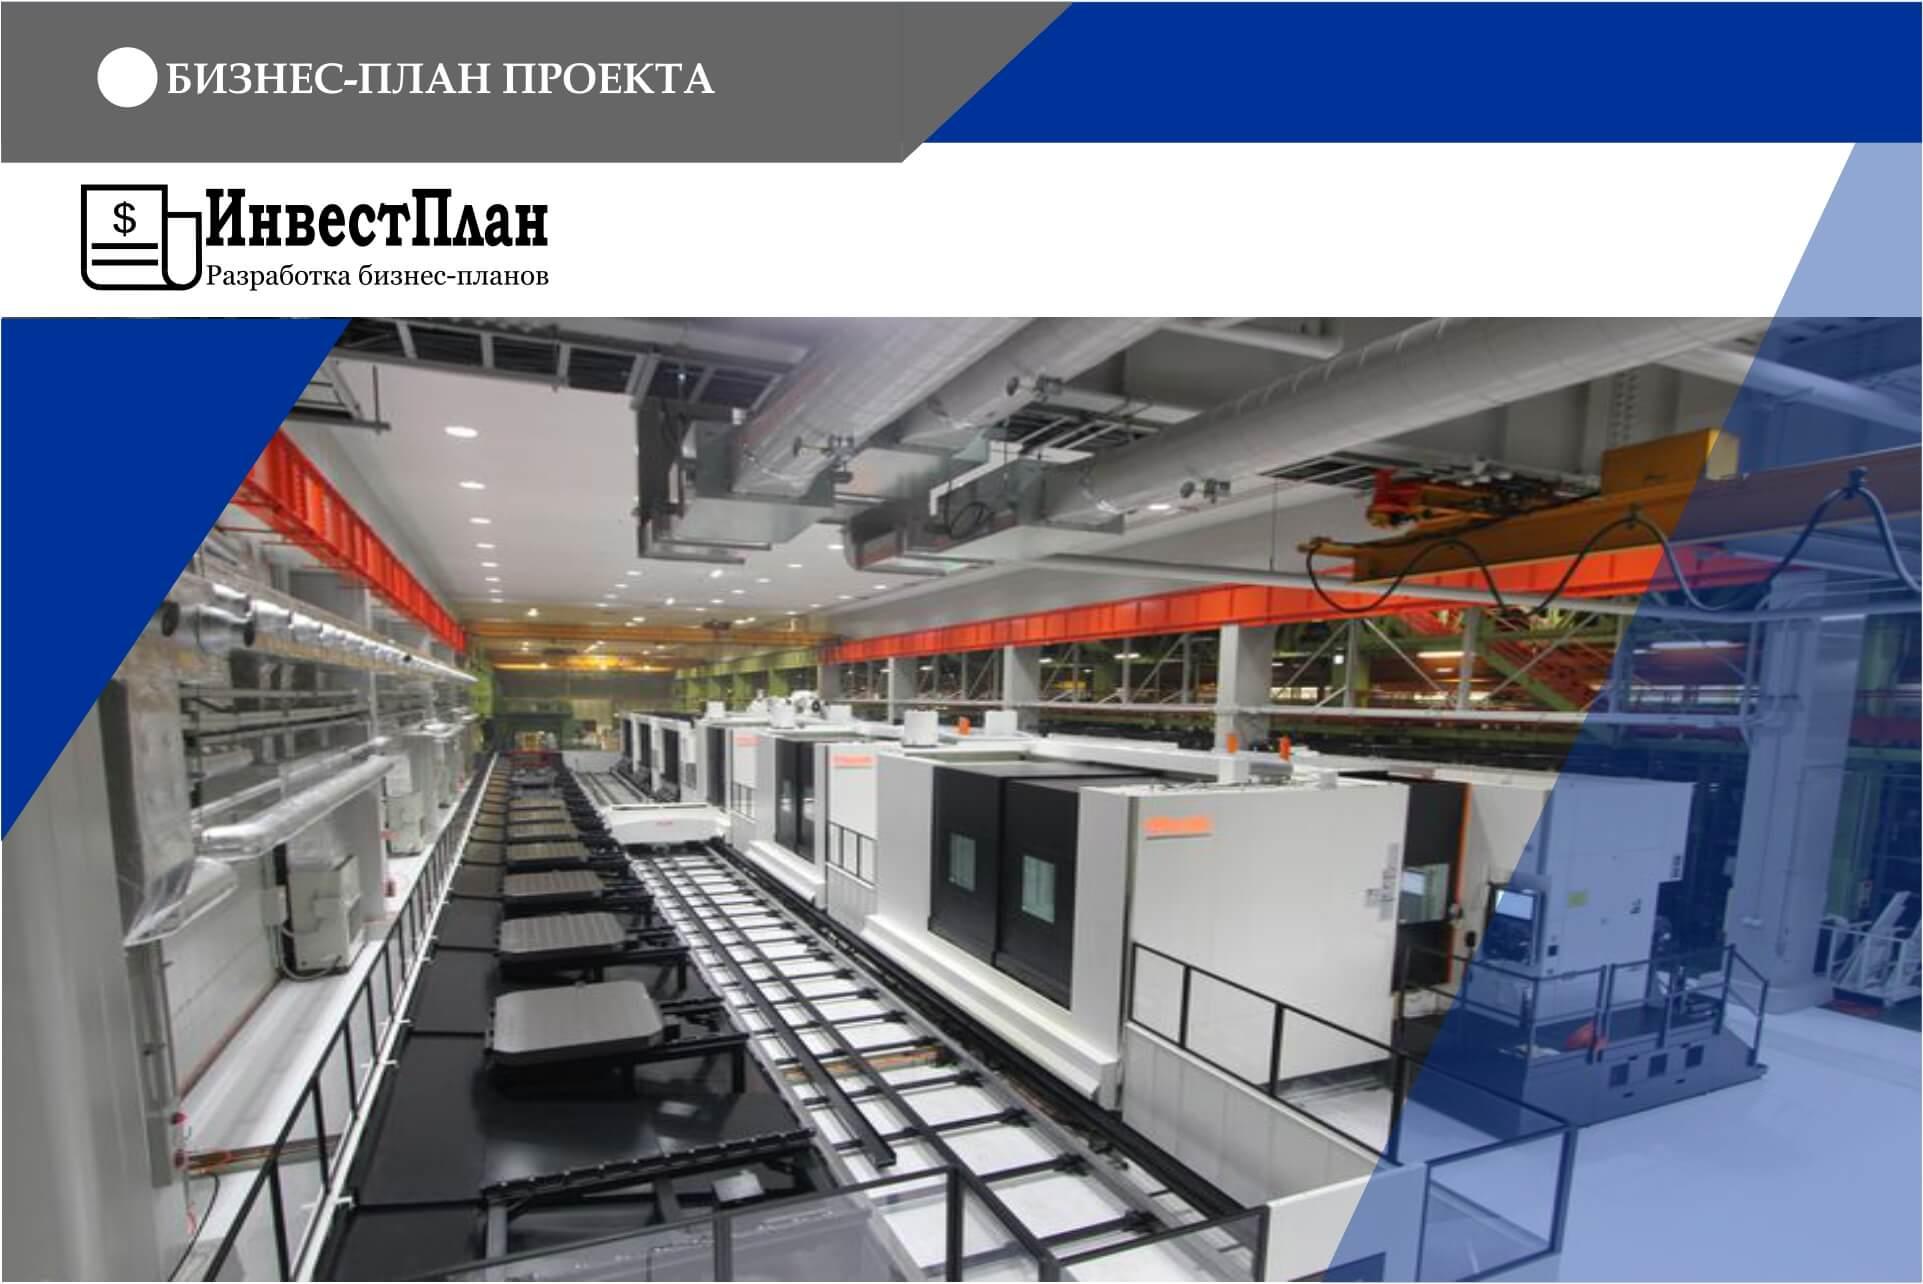 Бизнес-план по внедрению высокопроизводительной паллетной линии для обработки алюминиевых, стальных и титановых сплавов